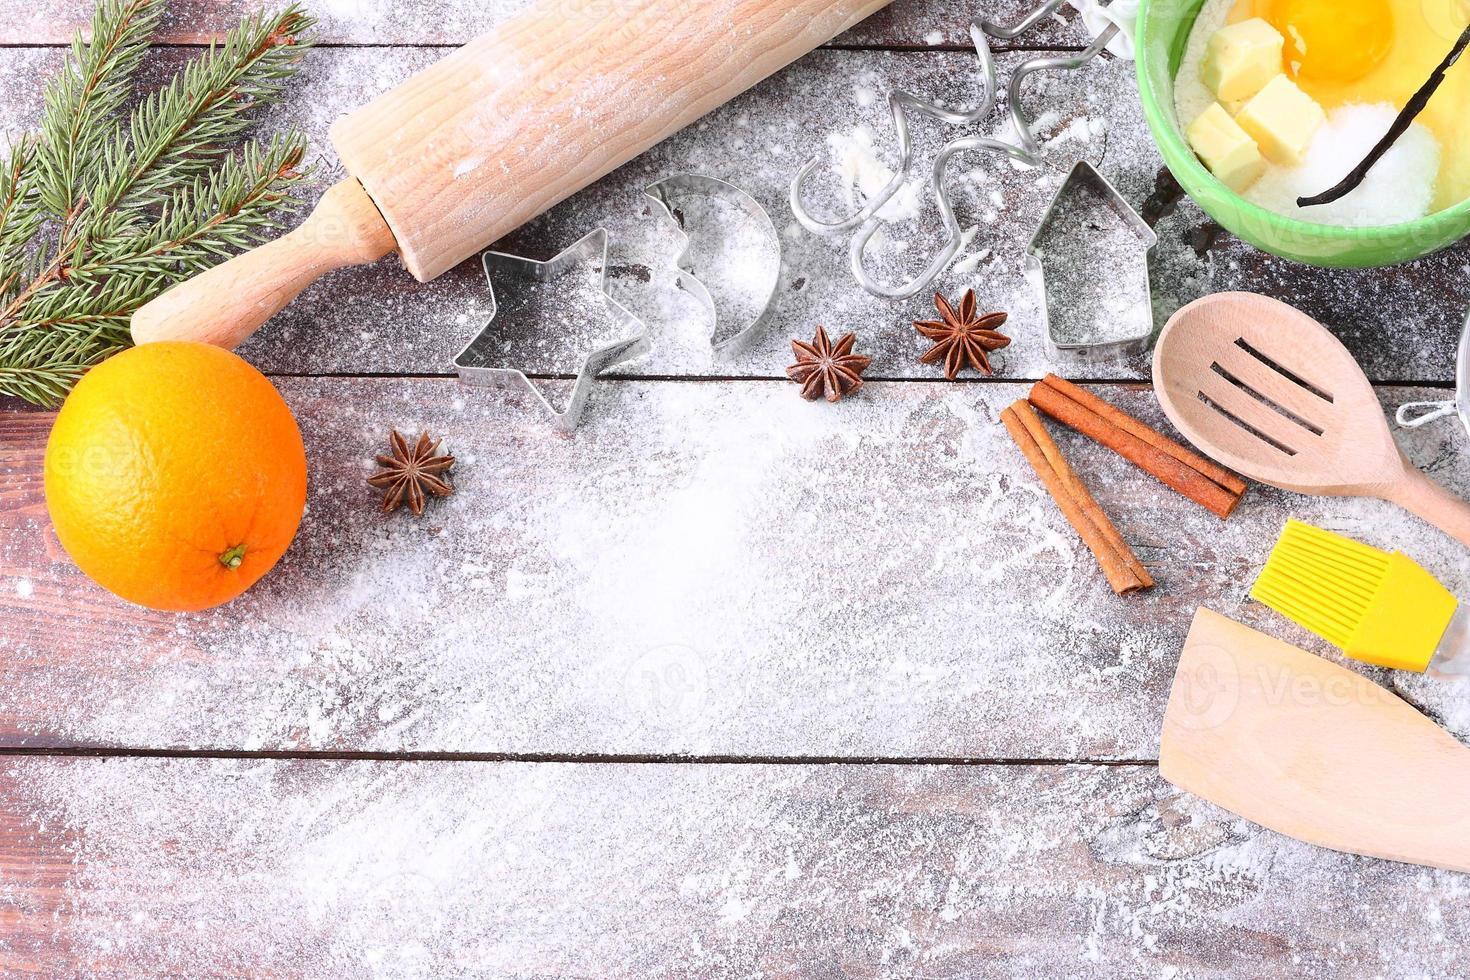 produits pour la cuisson des gâteaux sur une table en bois. photo